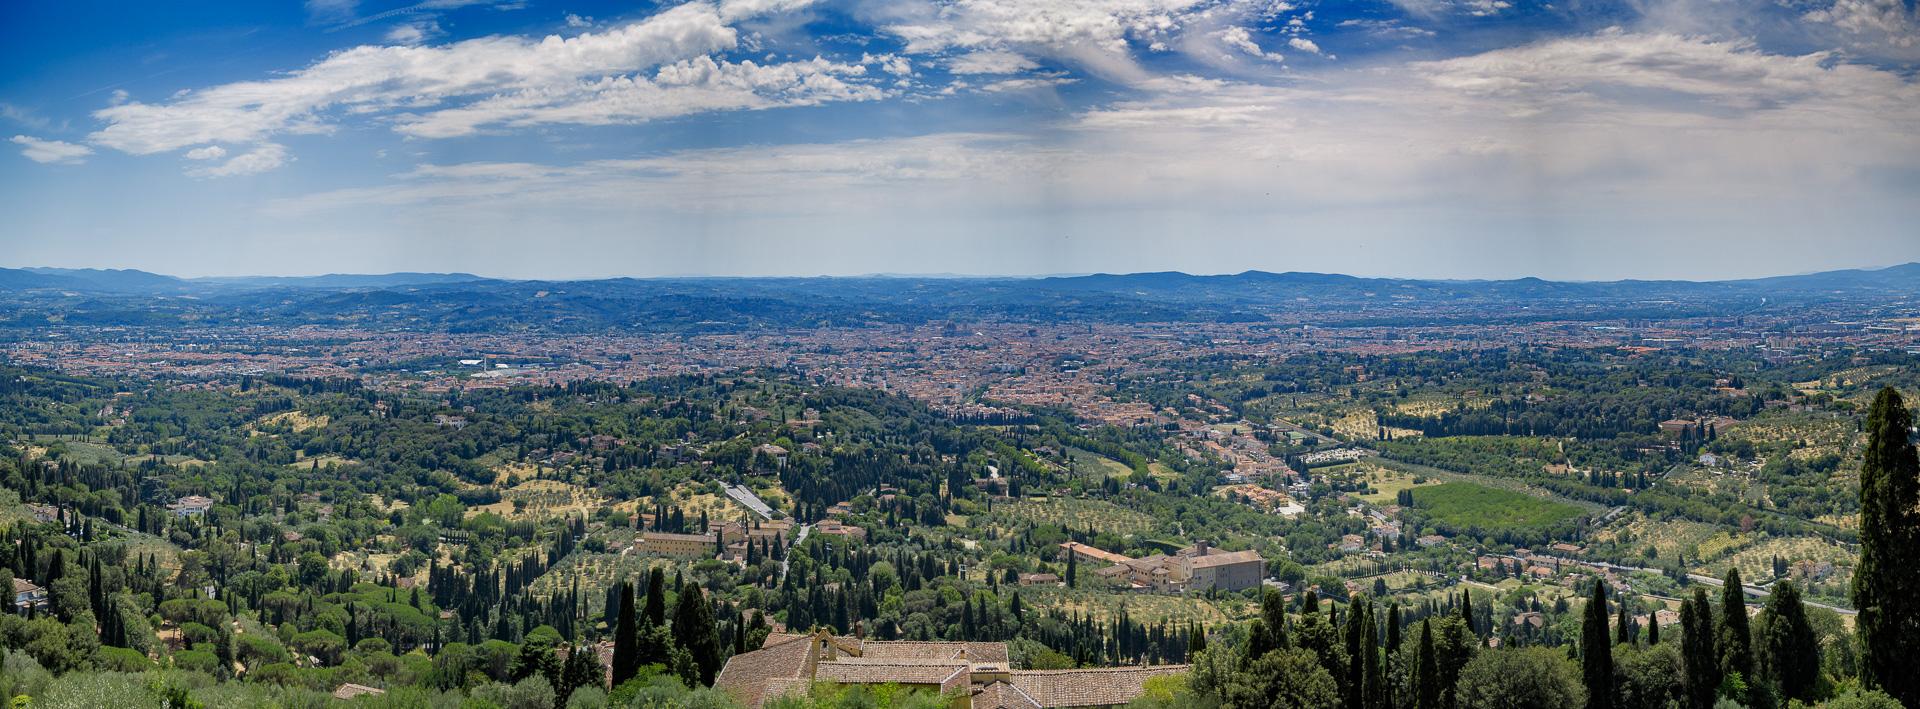 Firenze Dalla Famosa Terrazza Di Fiesole